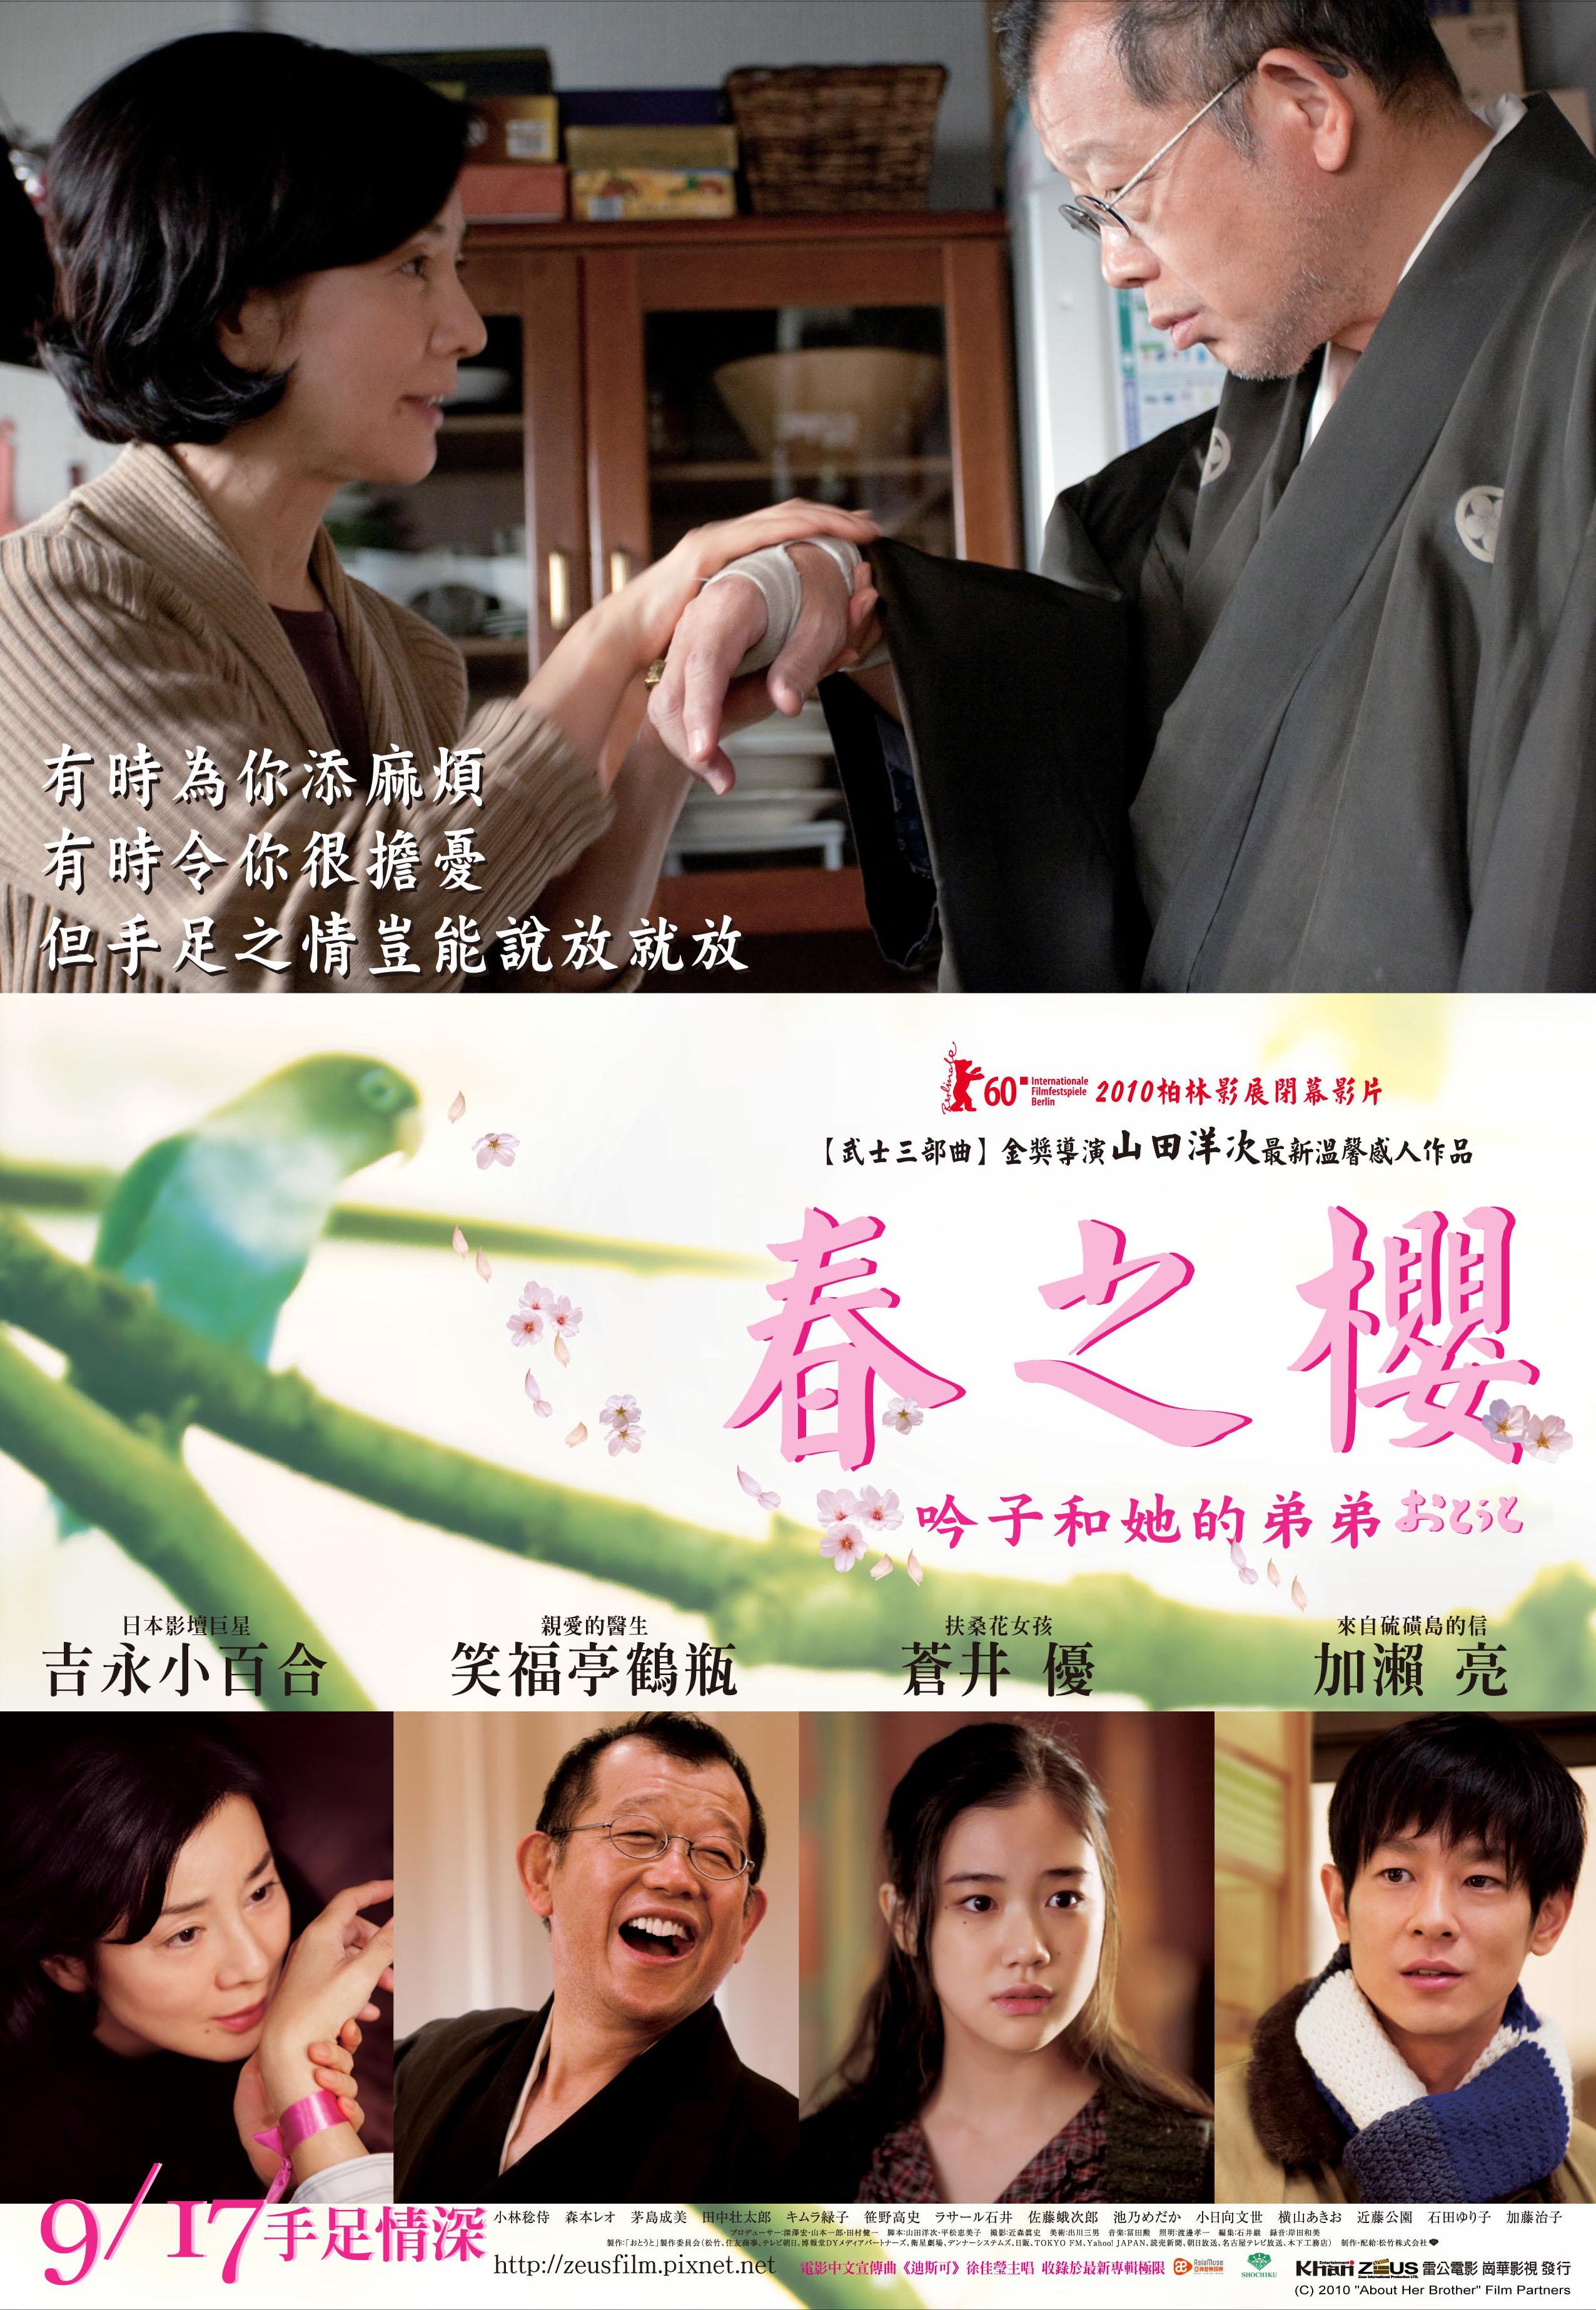 春之櫻 中文海報.jpg